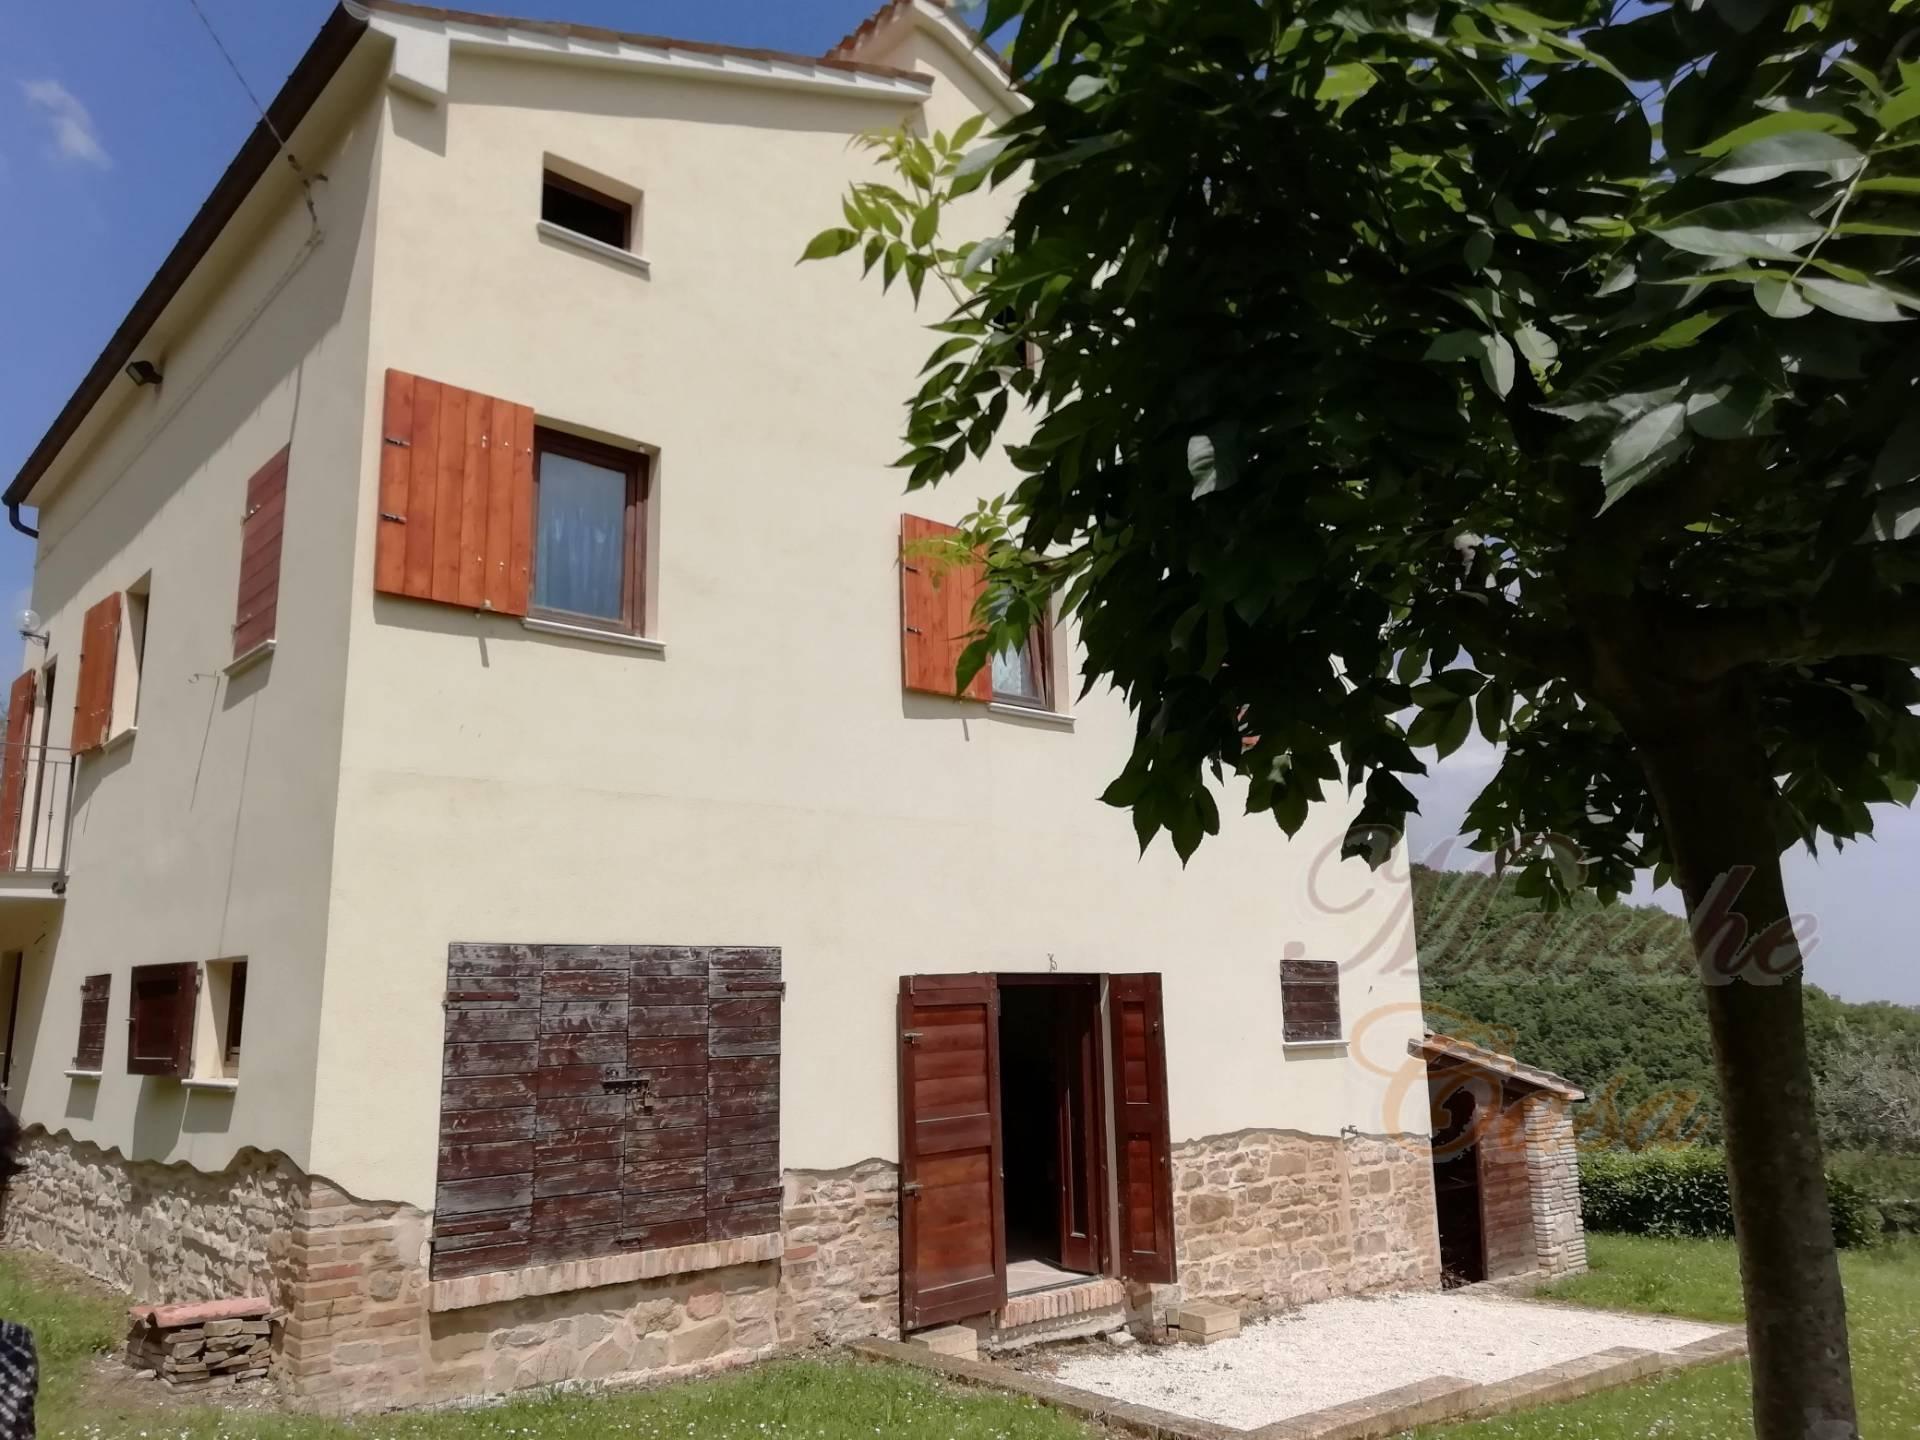 Rustico / Casale in vendita a Cingoli, 8 locali, prezzo € 180.000 | CambioCasa.it